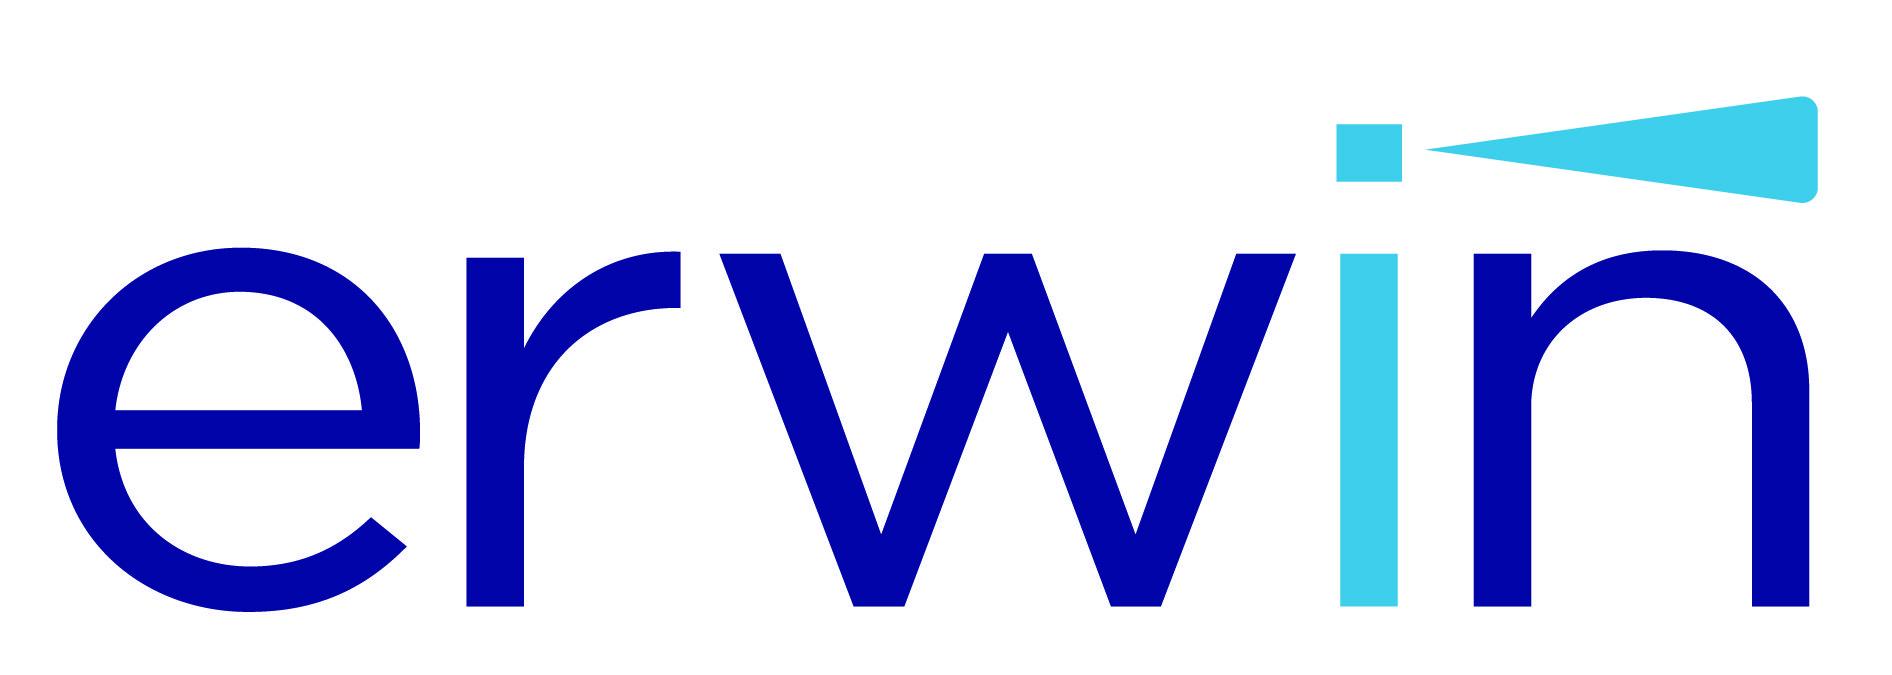 erwin-logo_cmyk_color